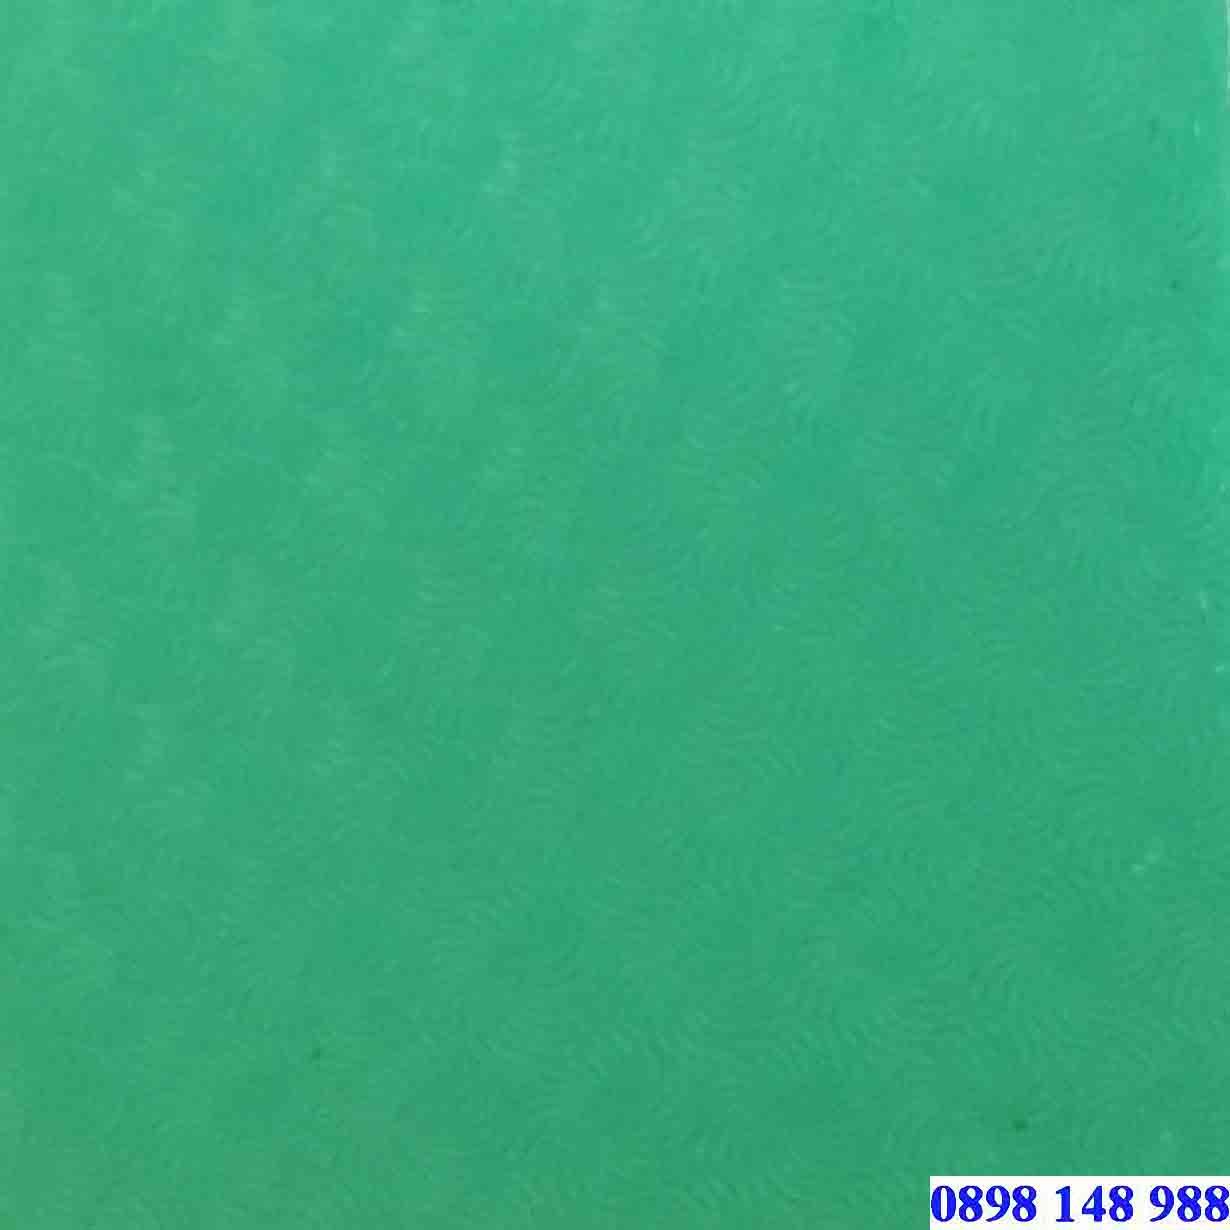 Decal dán kính - 007-5